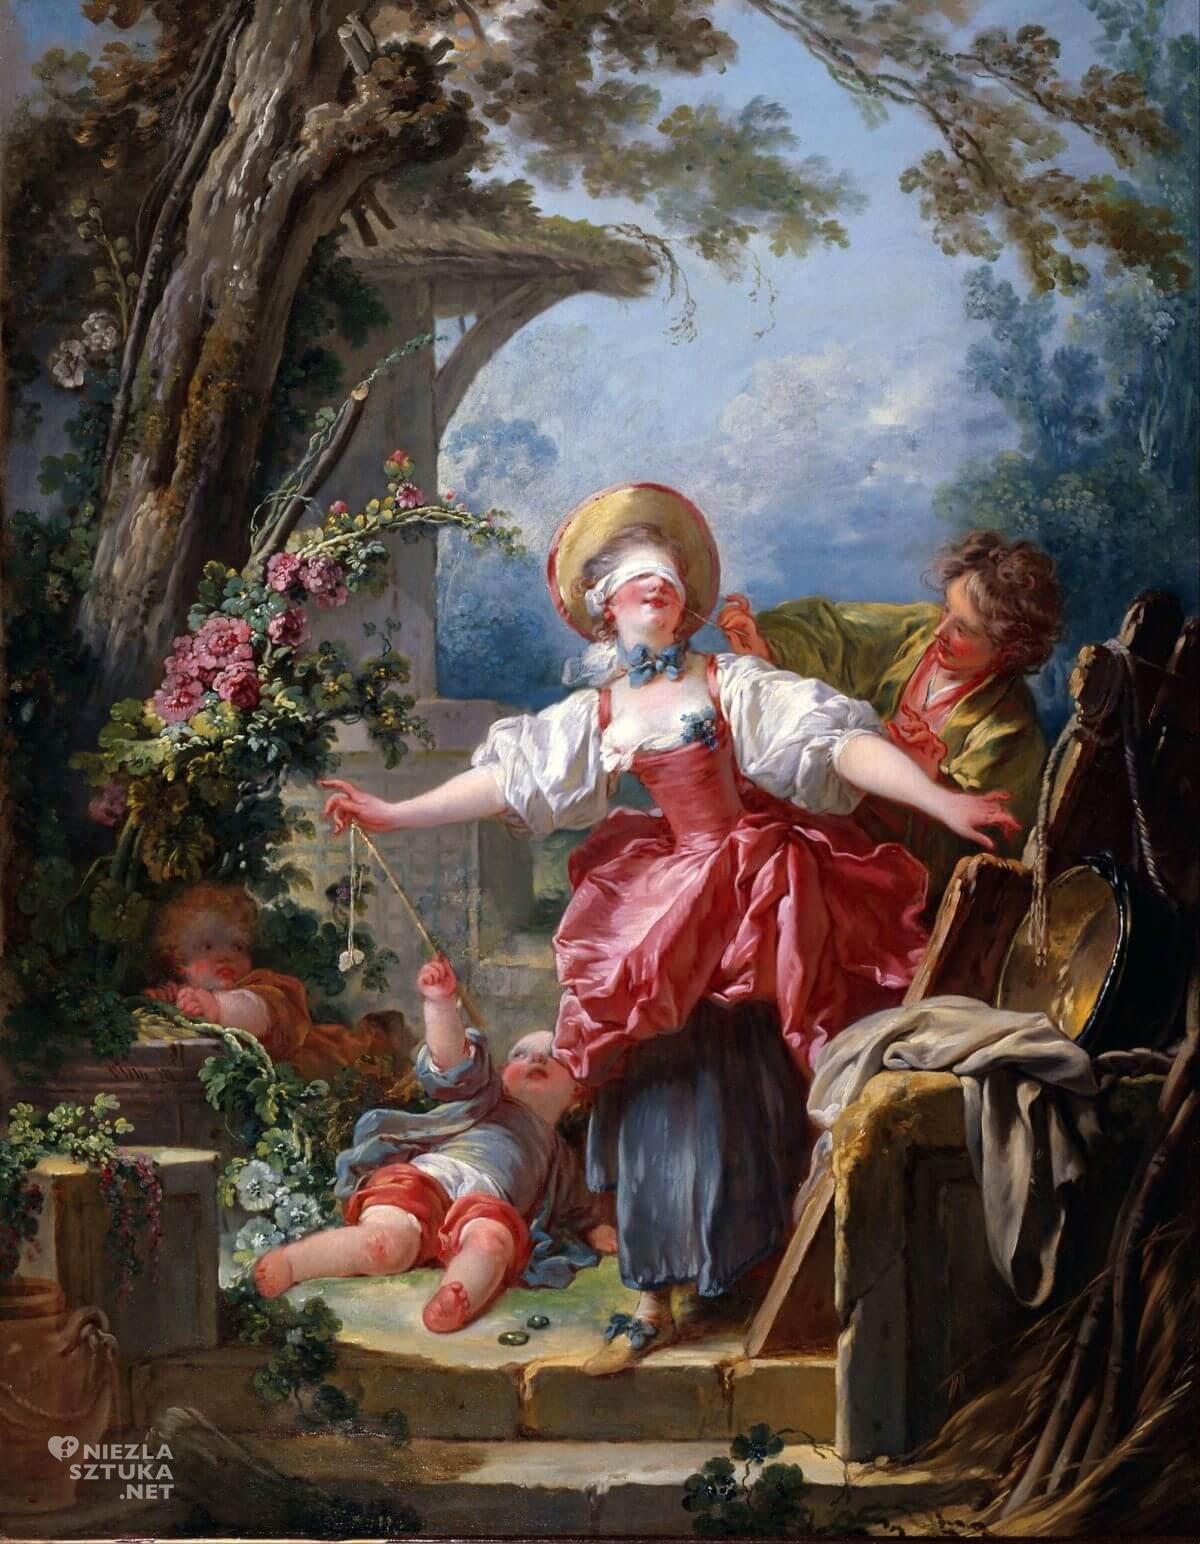 Jean Honore Fragonard, Ciuciubabka, malarstwo francuskie, rokoko, Niezła sztuka